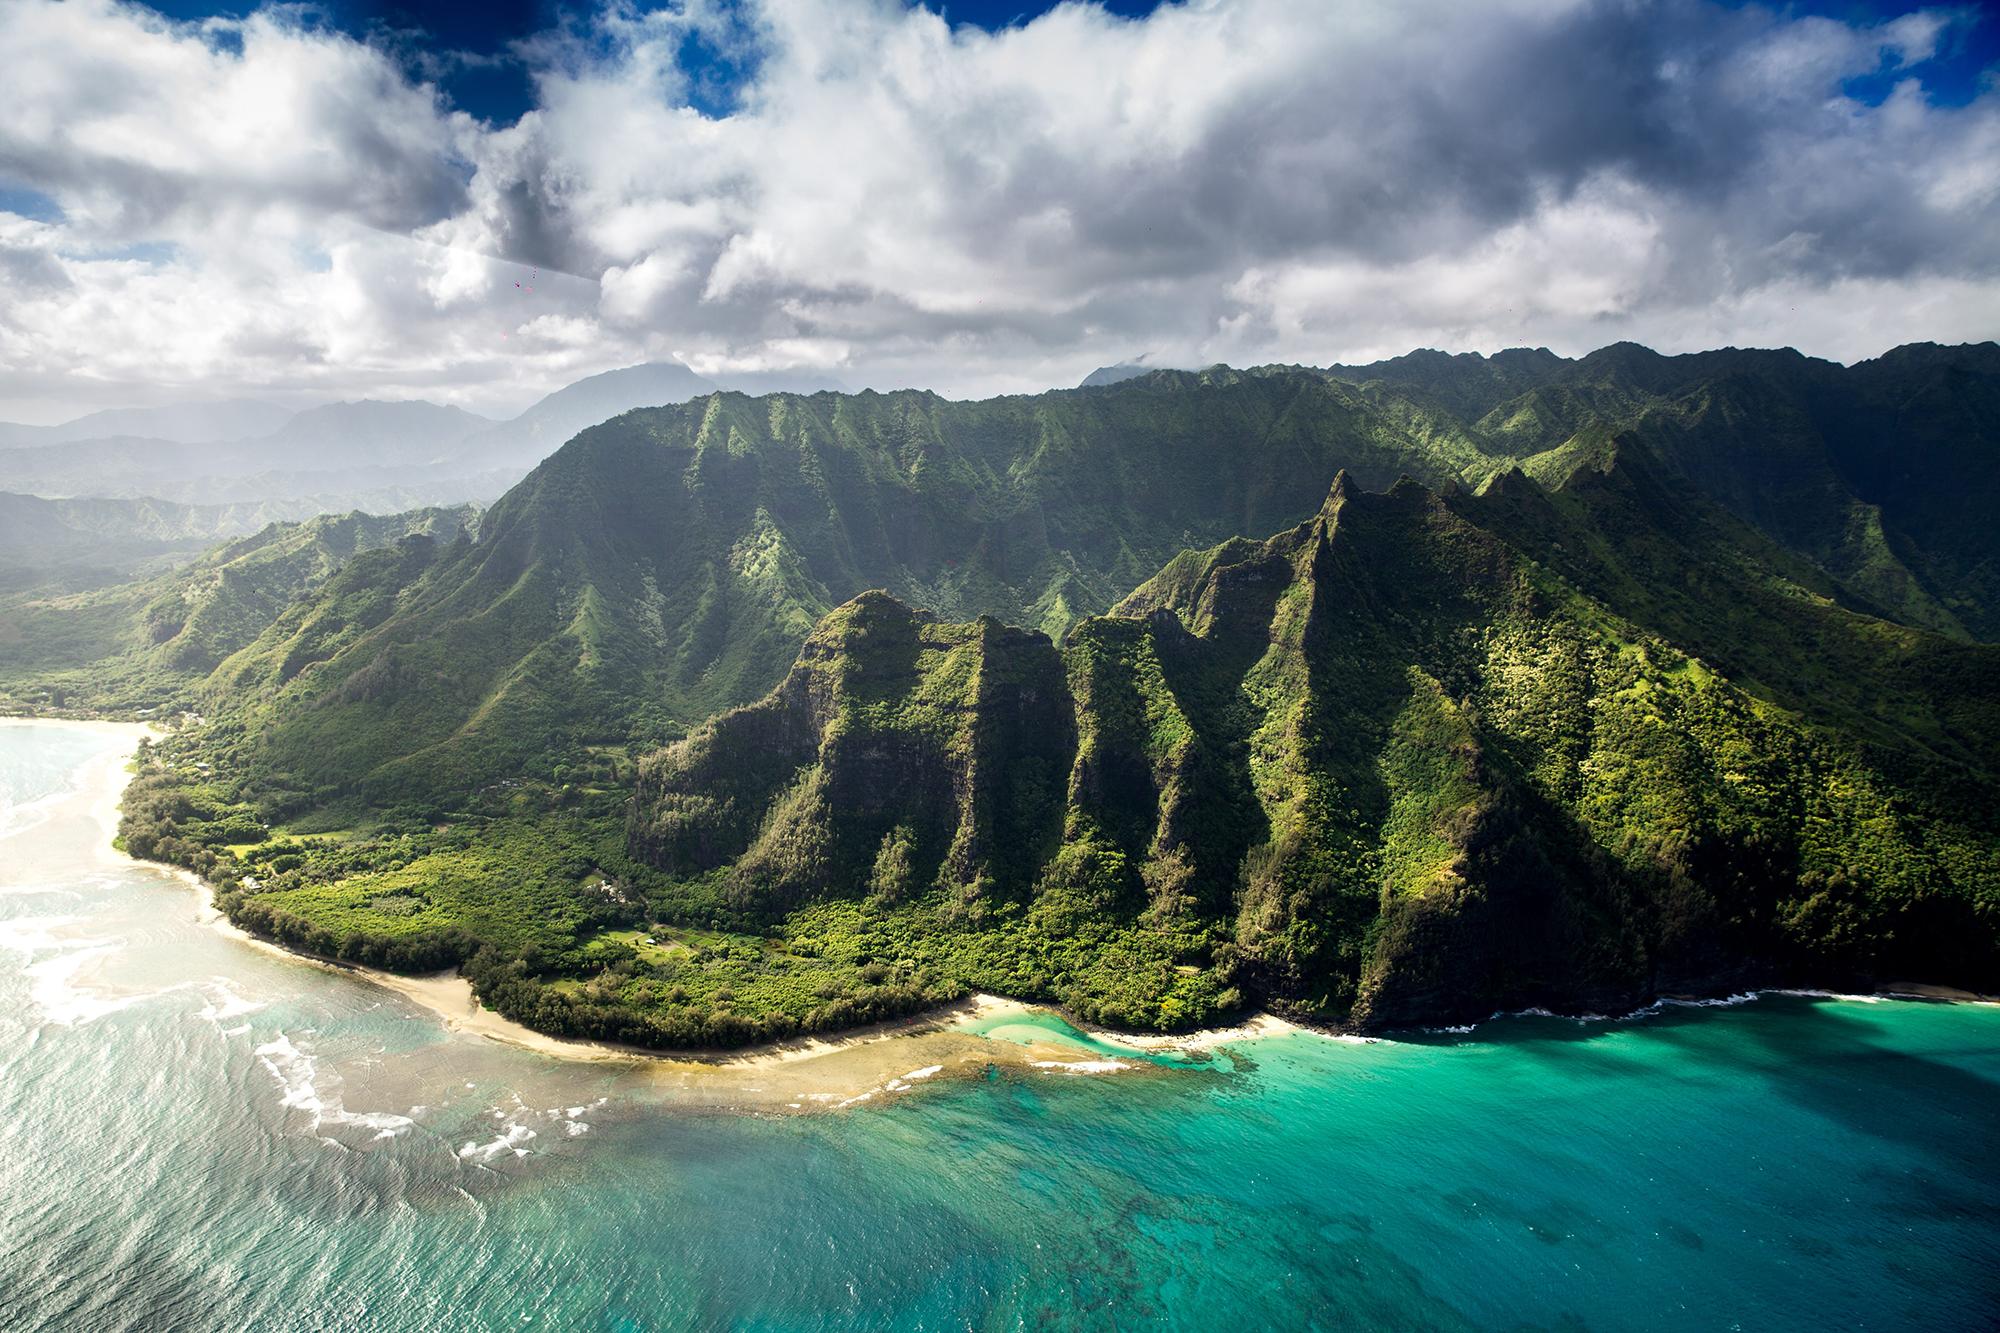 Jurassic Park - Kauai, Hawaii